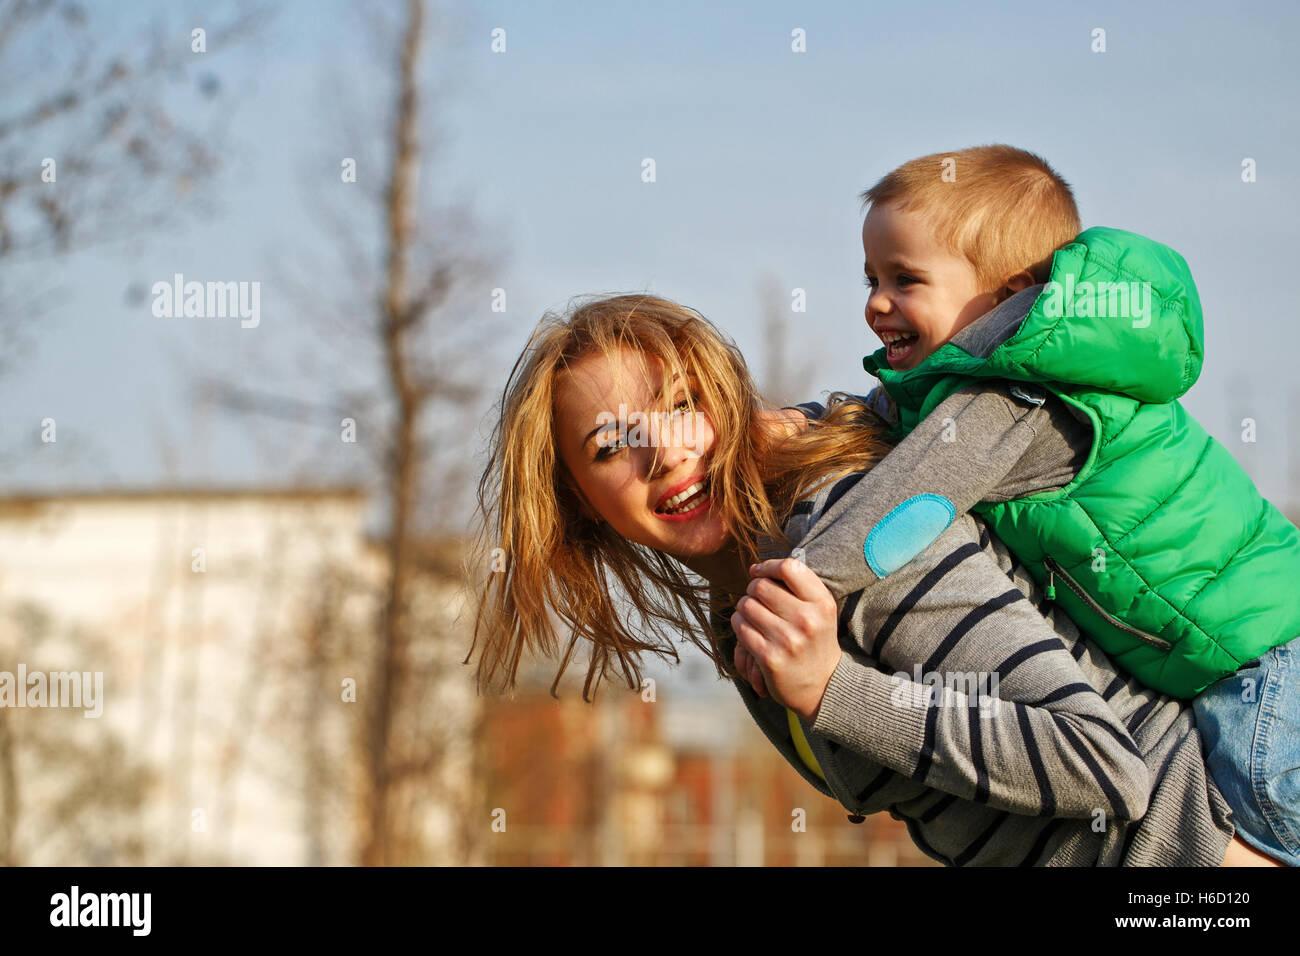 Mom rotoli suo figlio sulle sue spalle in autunno park. Tempo per la famiglia. La felicità di infanzia e genitorialità. Immagini Stock